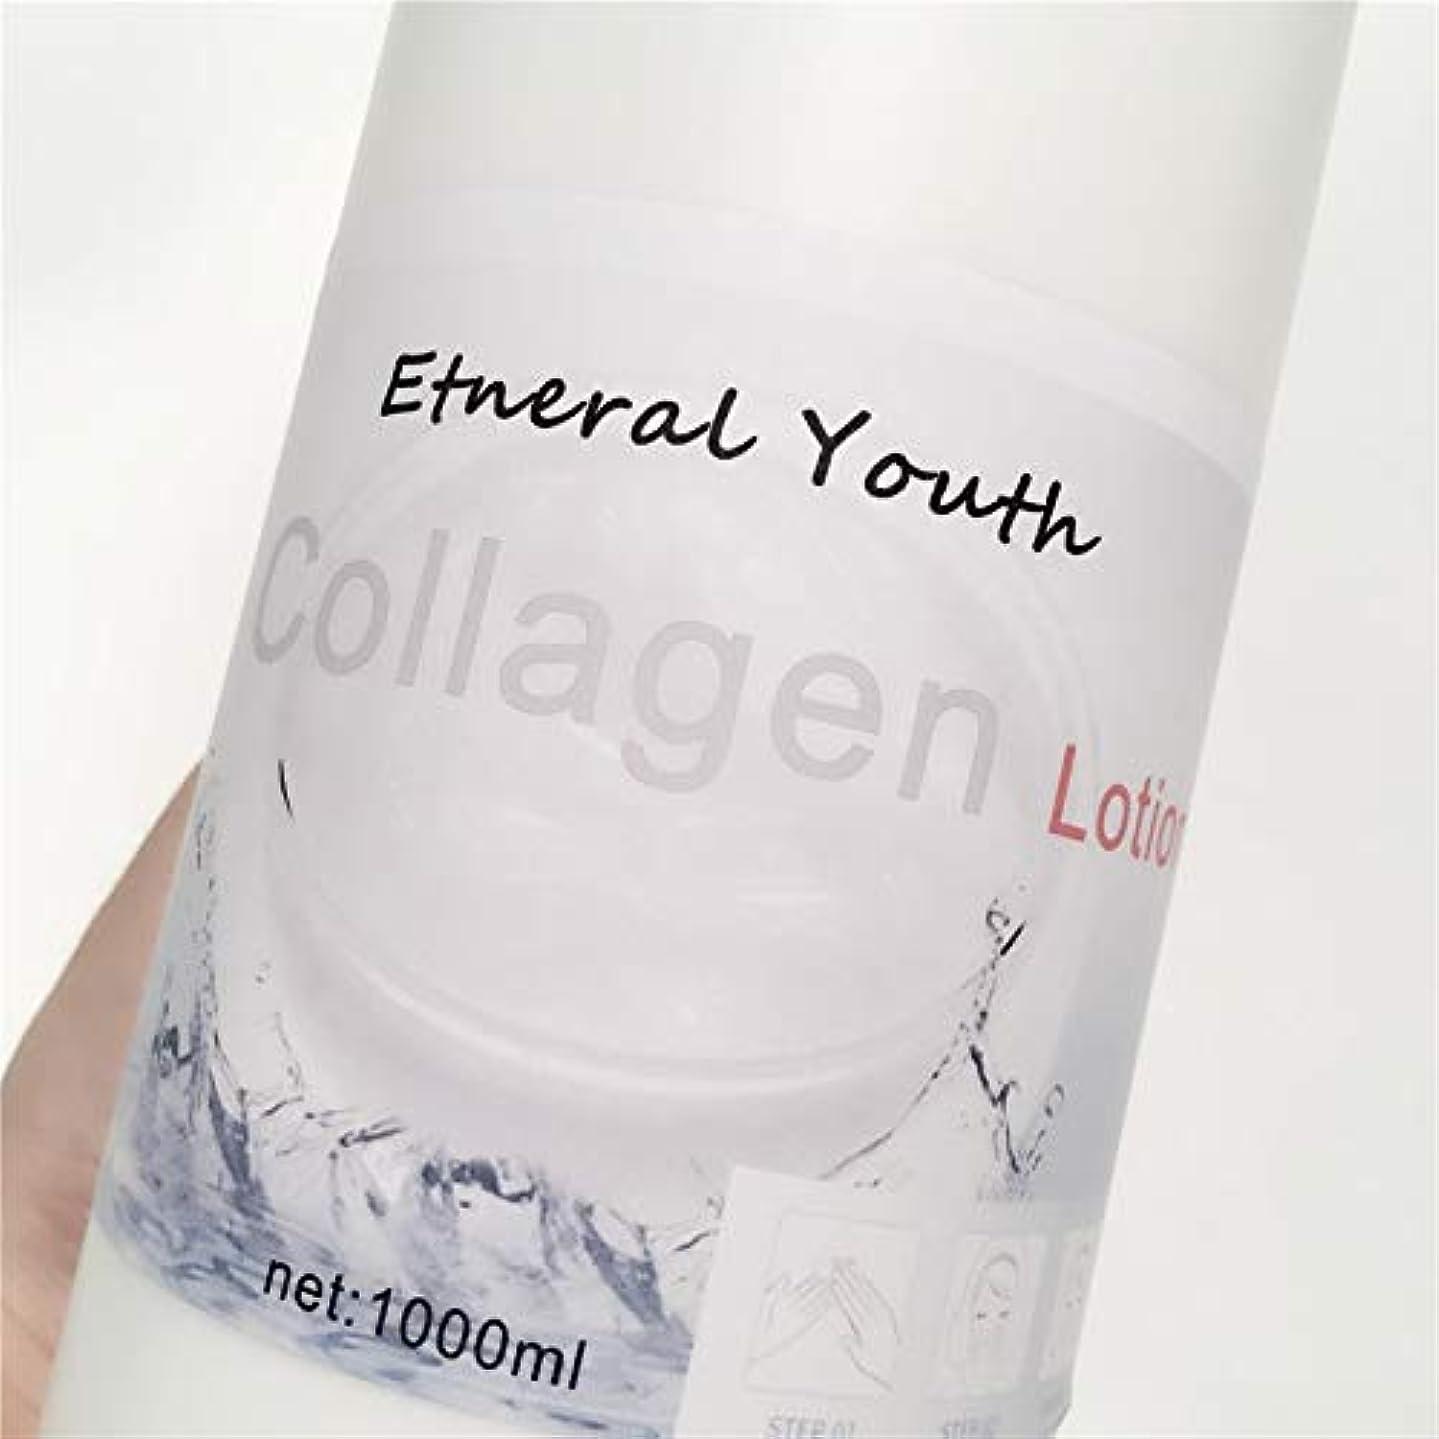 法律痛み経験魚のコラーゲン抗酸化エマルジョンローションアンチリンクルローションエイジレスモイス千ミリリットル